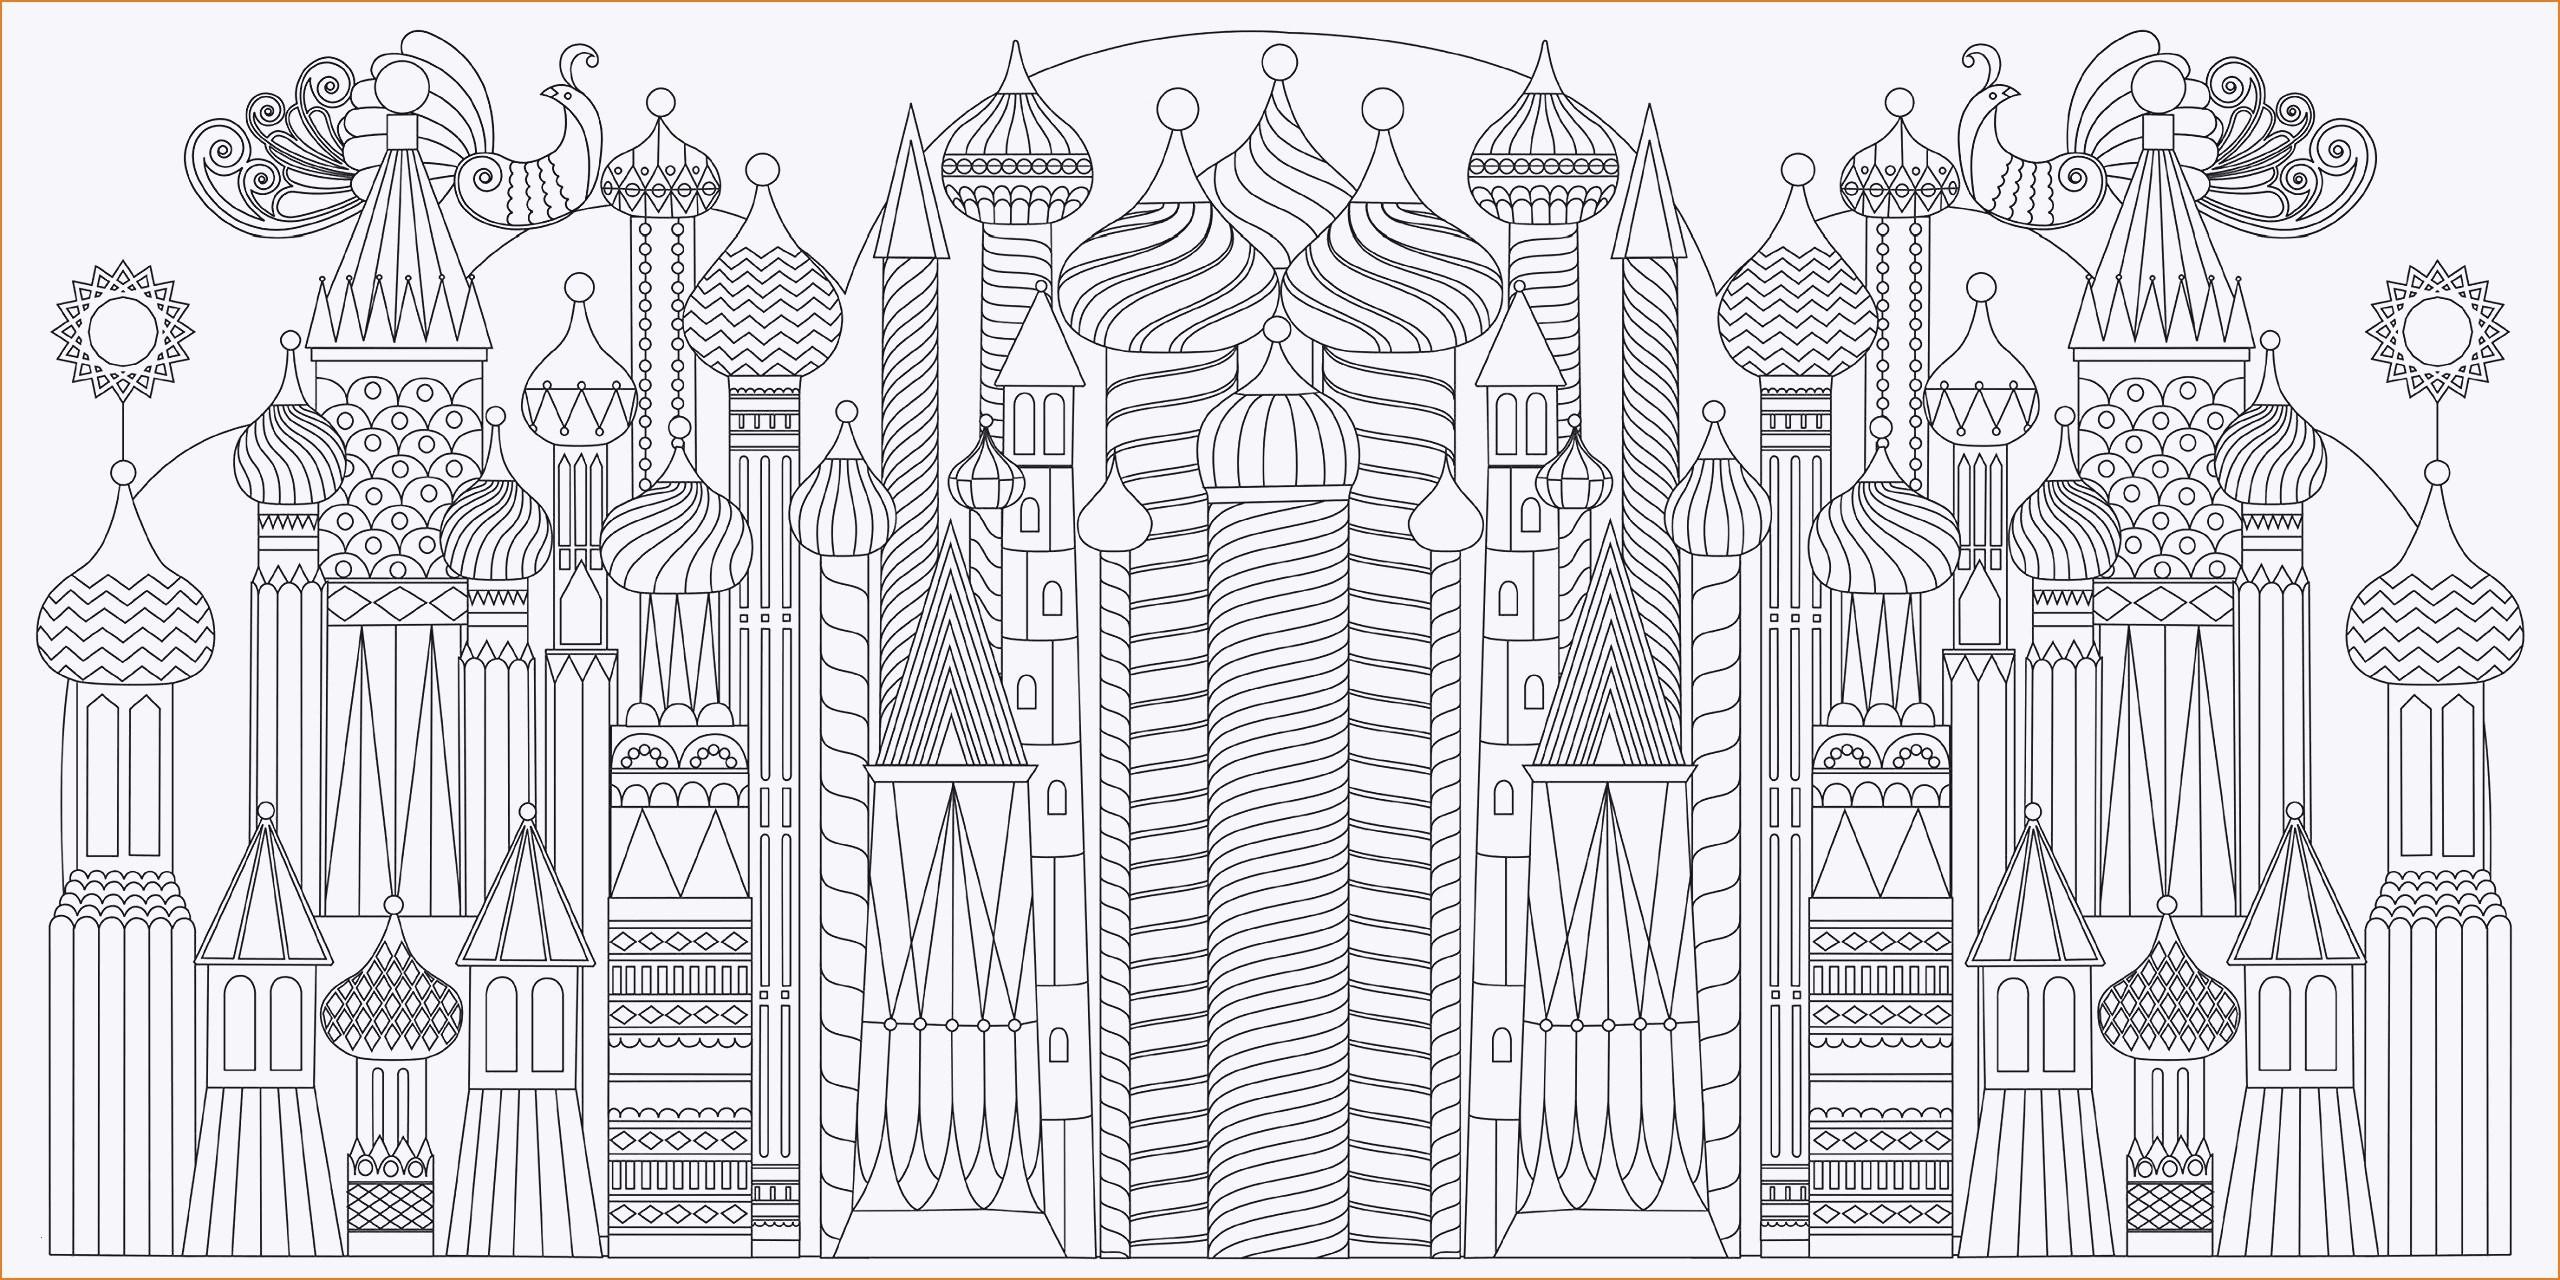 Ausmalbilder thema Wald Neu Wald Zum Ausmalen Designs 32 Malvorlagen Tiere Im Wald Scoredatscore Bild